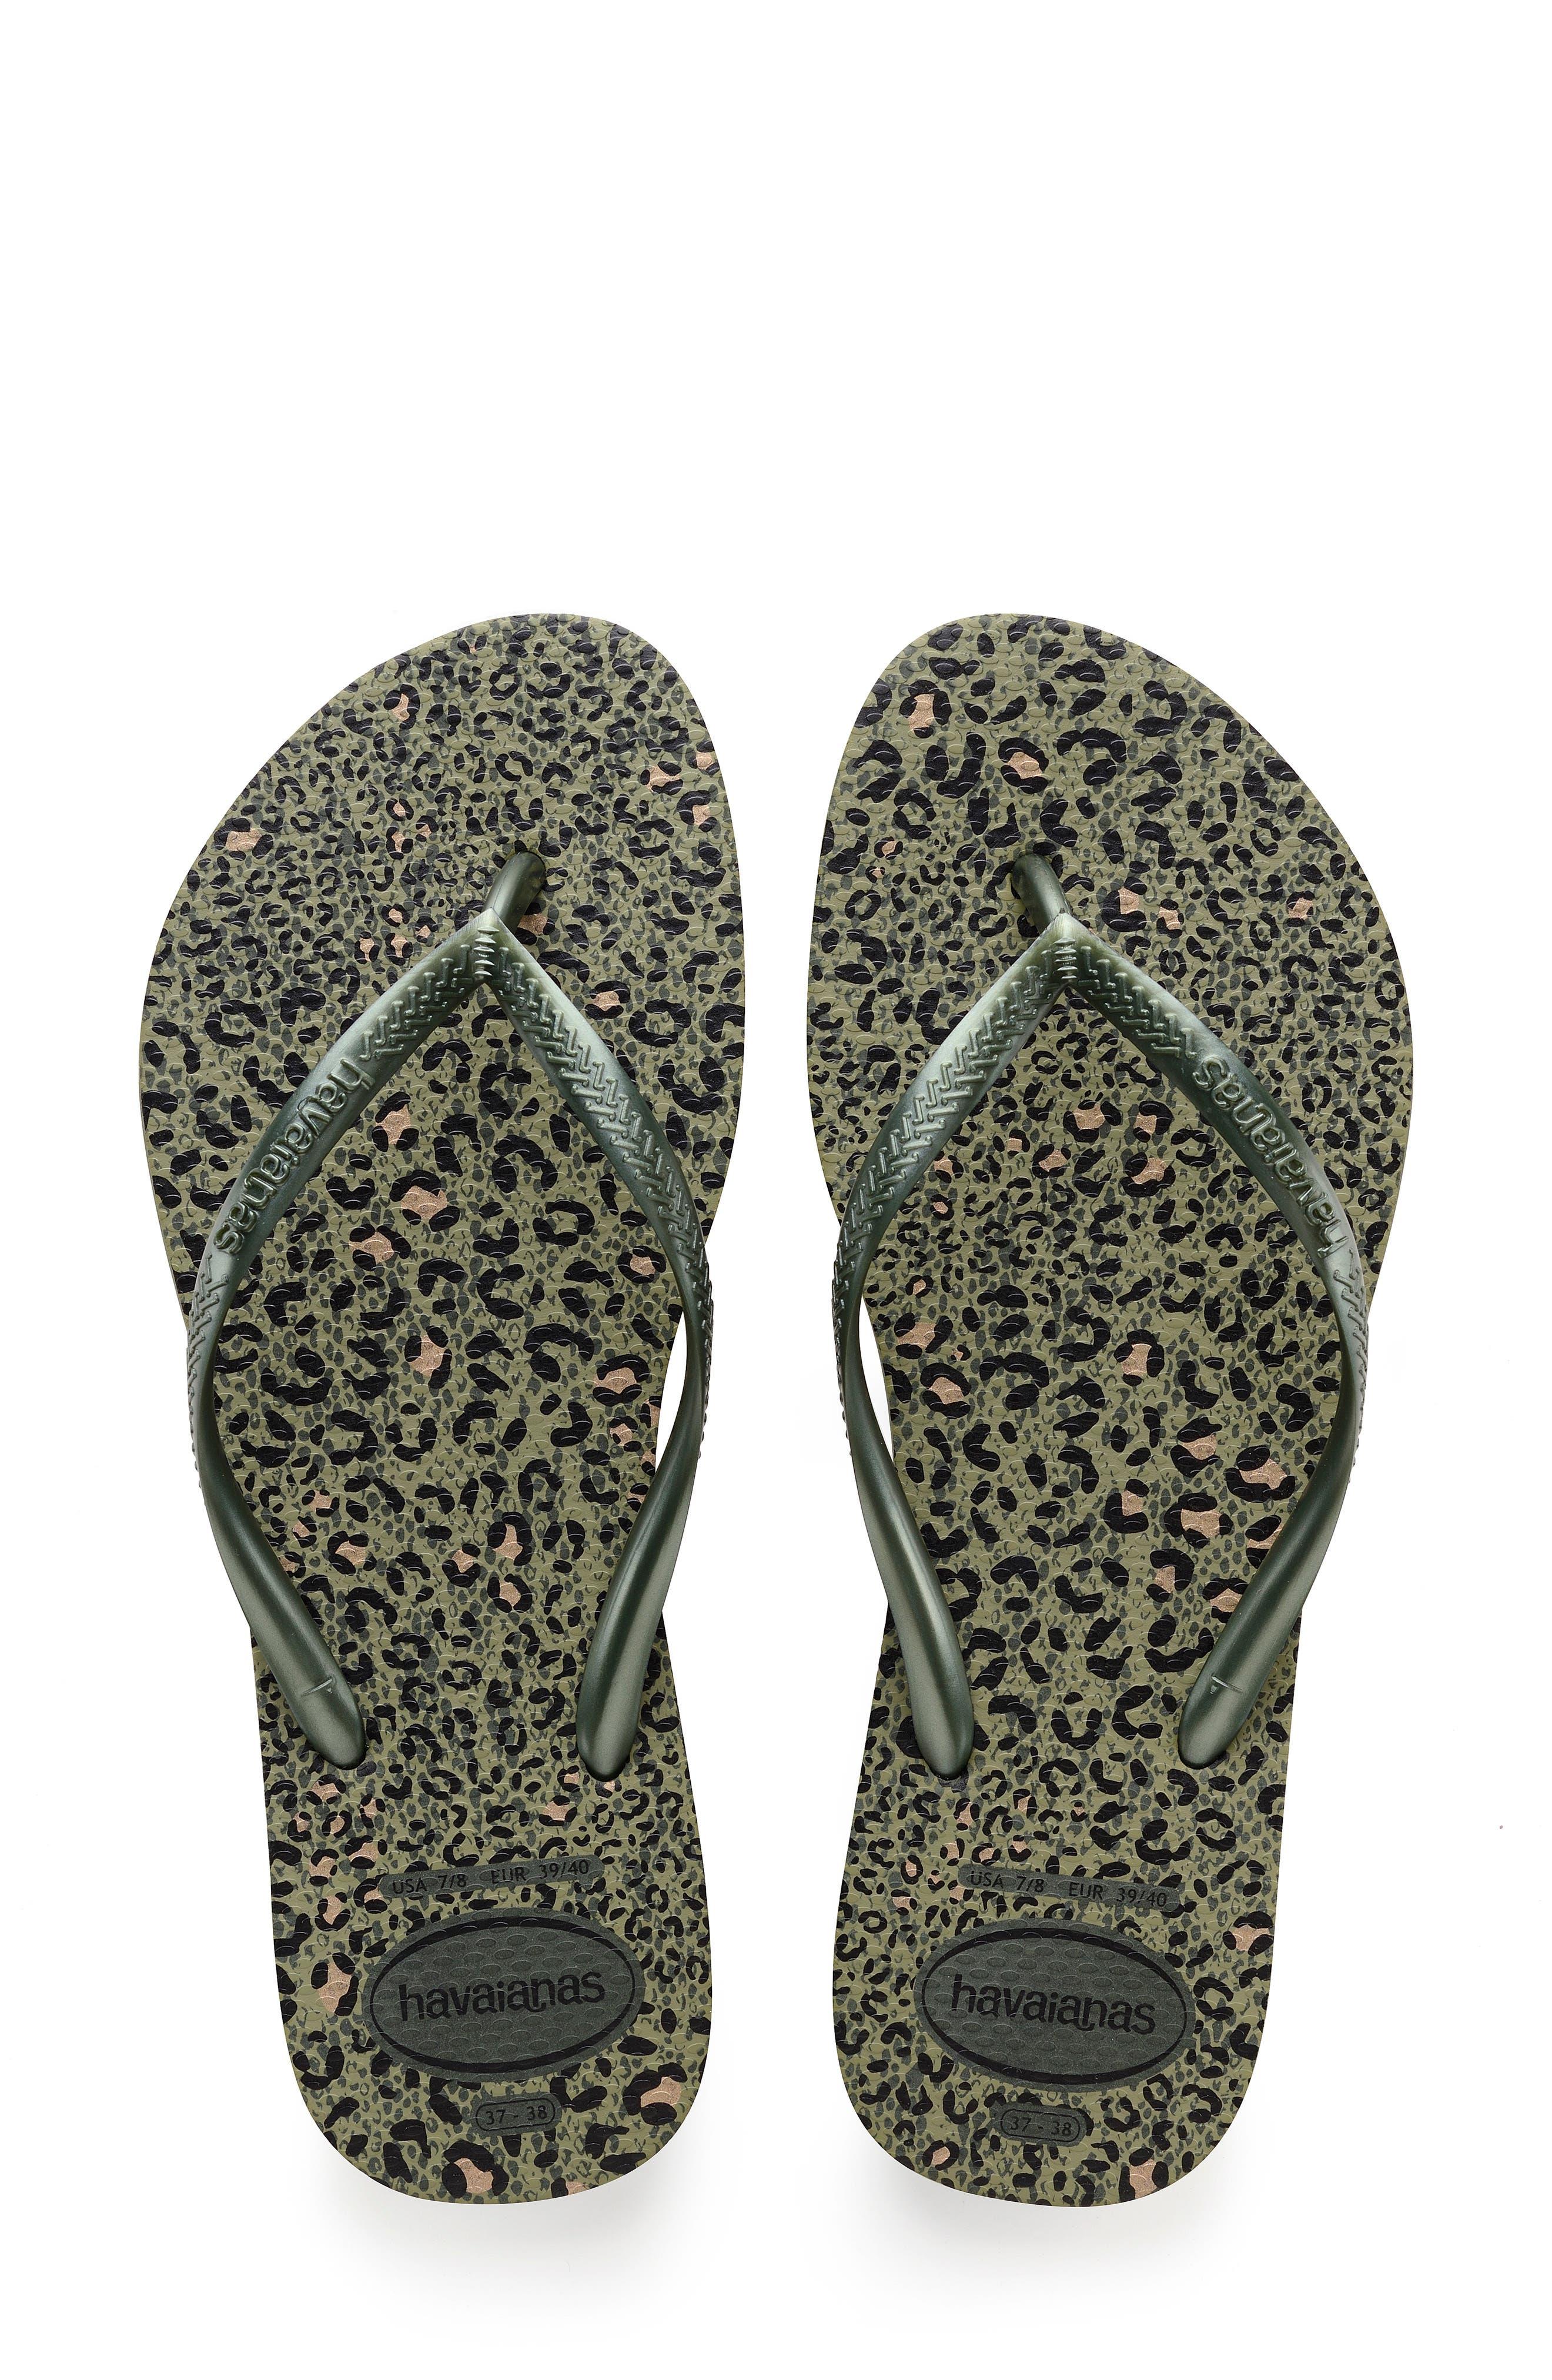 7df3613786a4af Havaianas Flip-Flops for Women